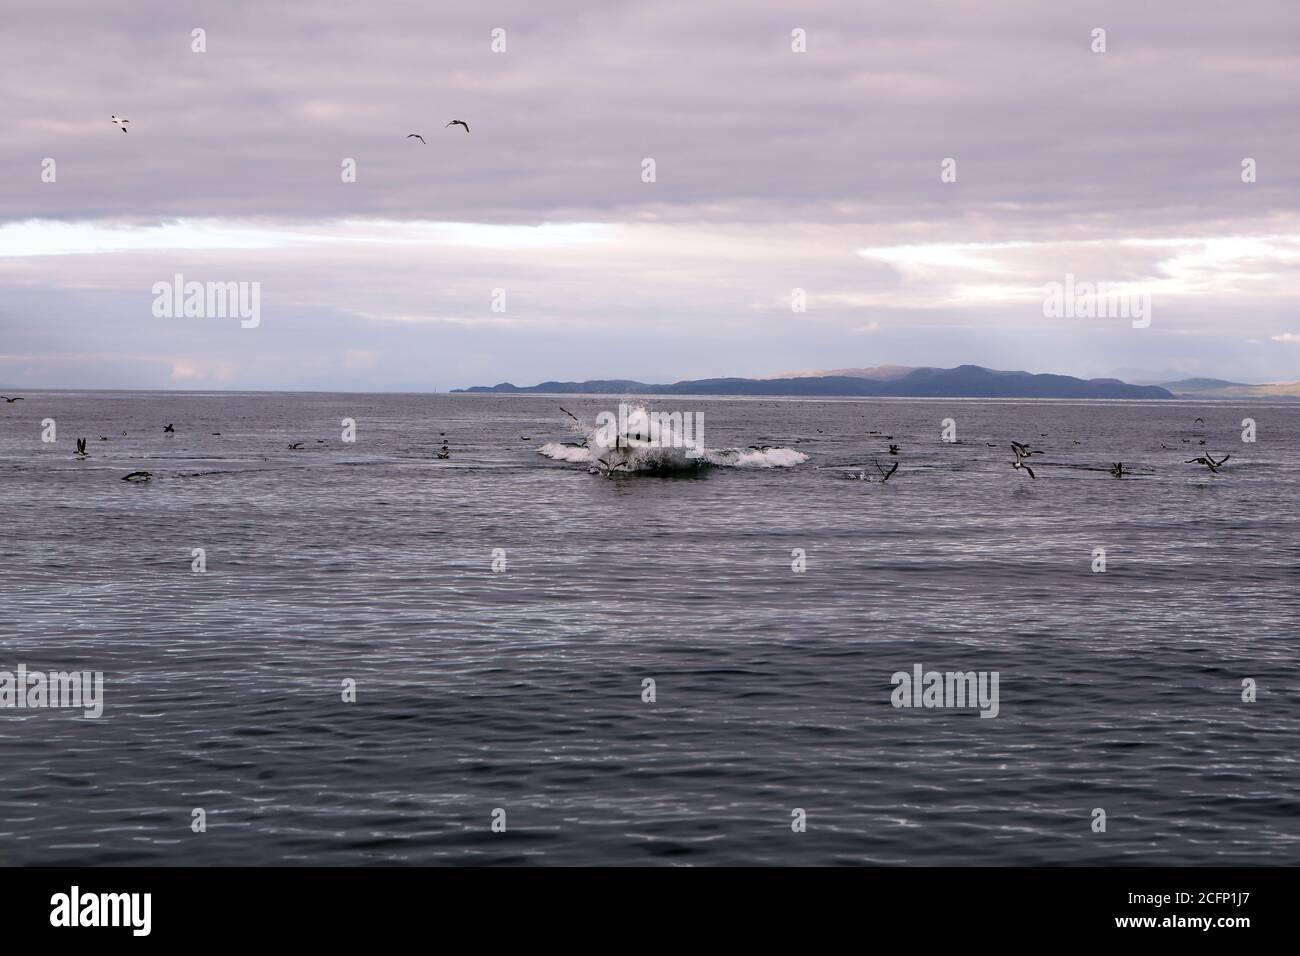 Minke Whale dispersando Manx Shearwaters mientras surfear y alimentarse El Océano Atlántico frente a la Isla de Coll in Las Hébridas internas de Escocia Foto de stock